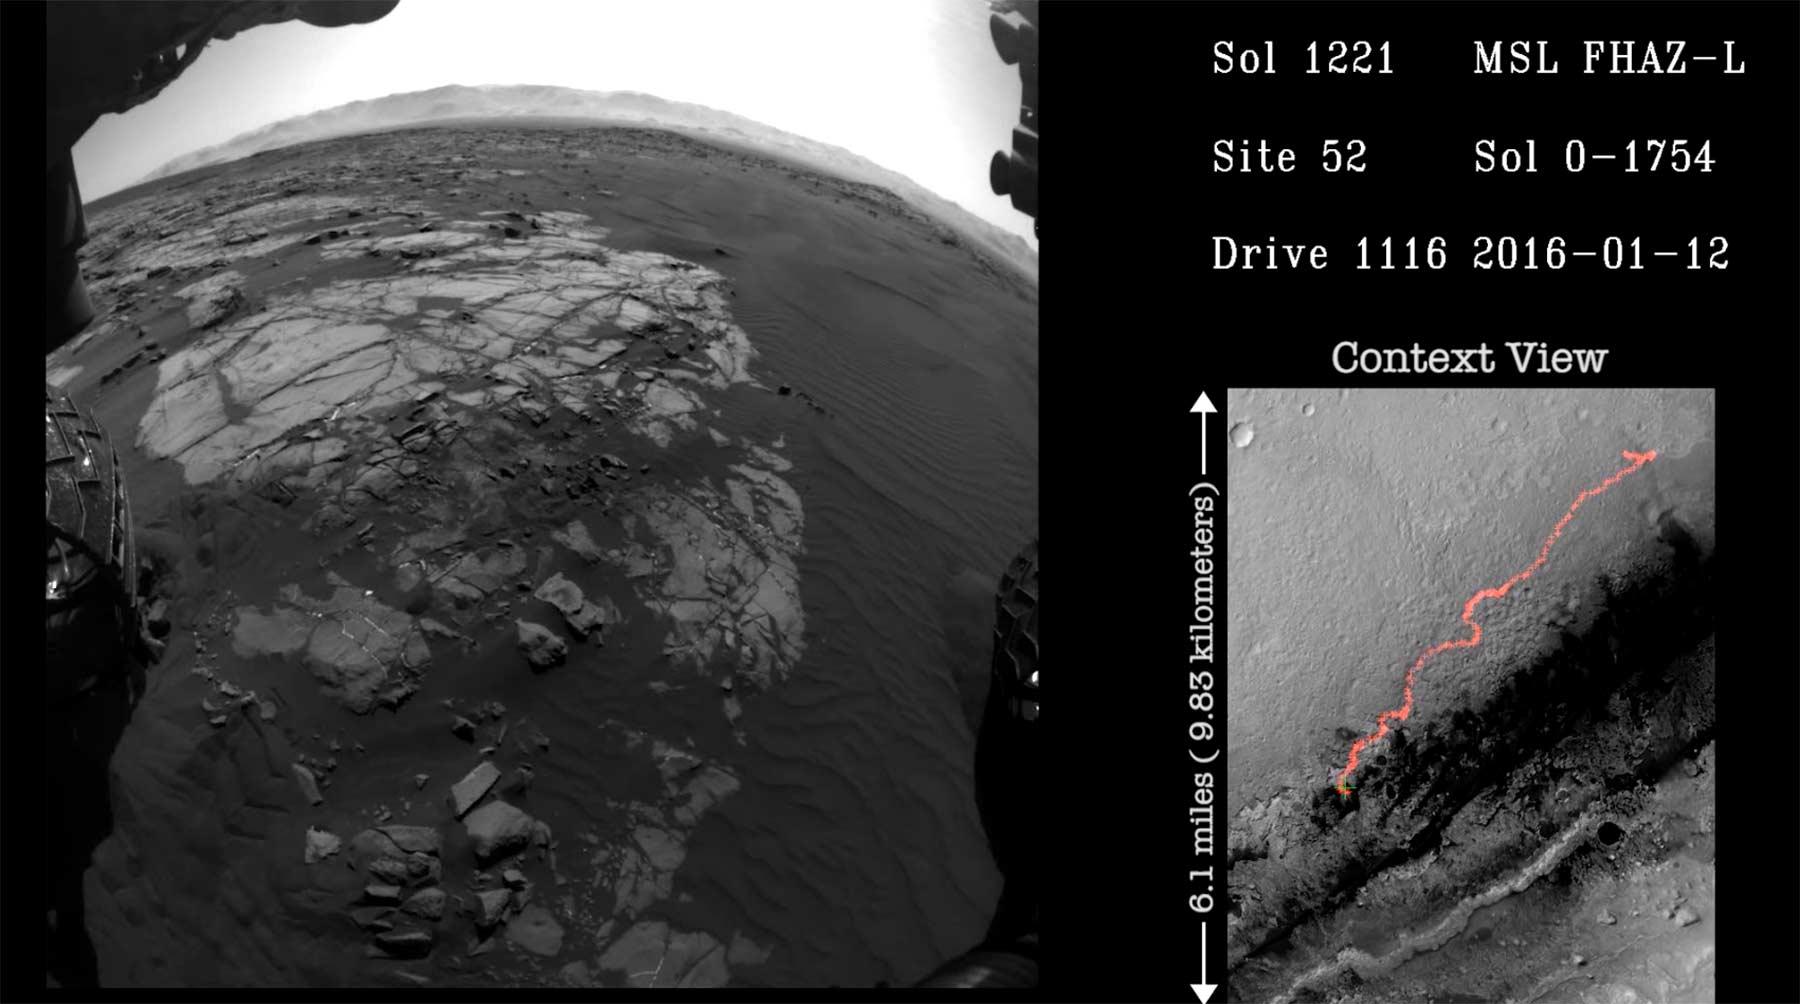 Das hat Curiosity die fünf Jahre über auf dem Mars gesehen